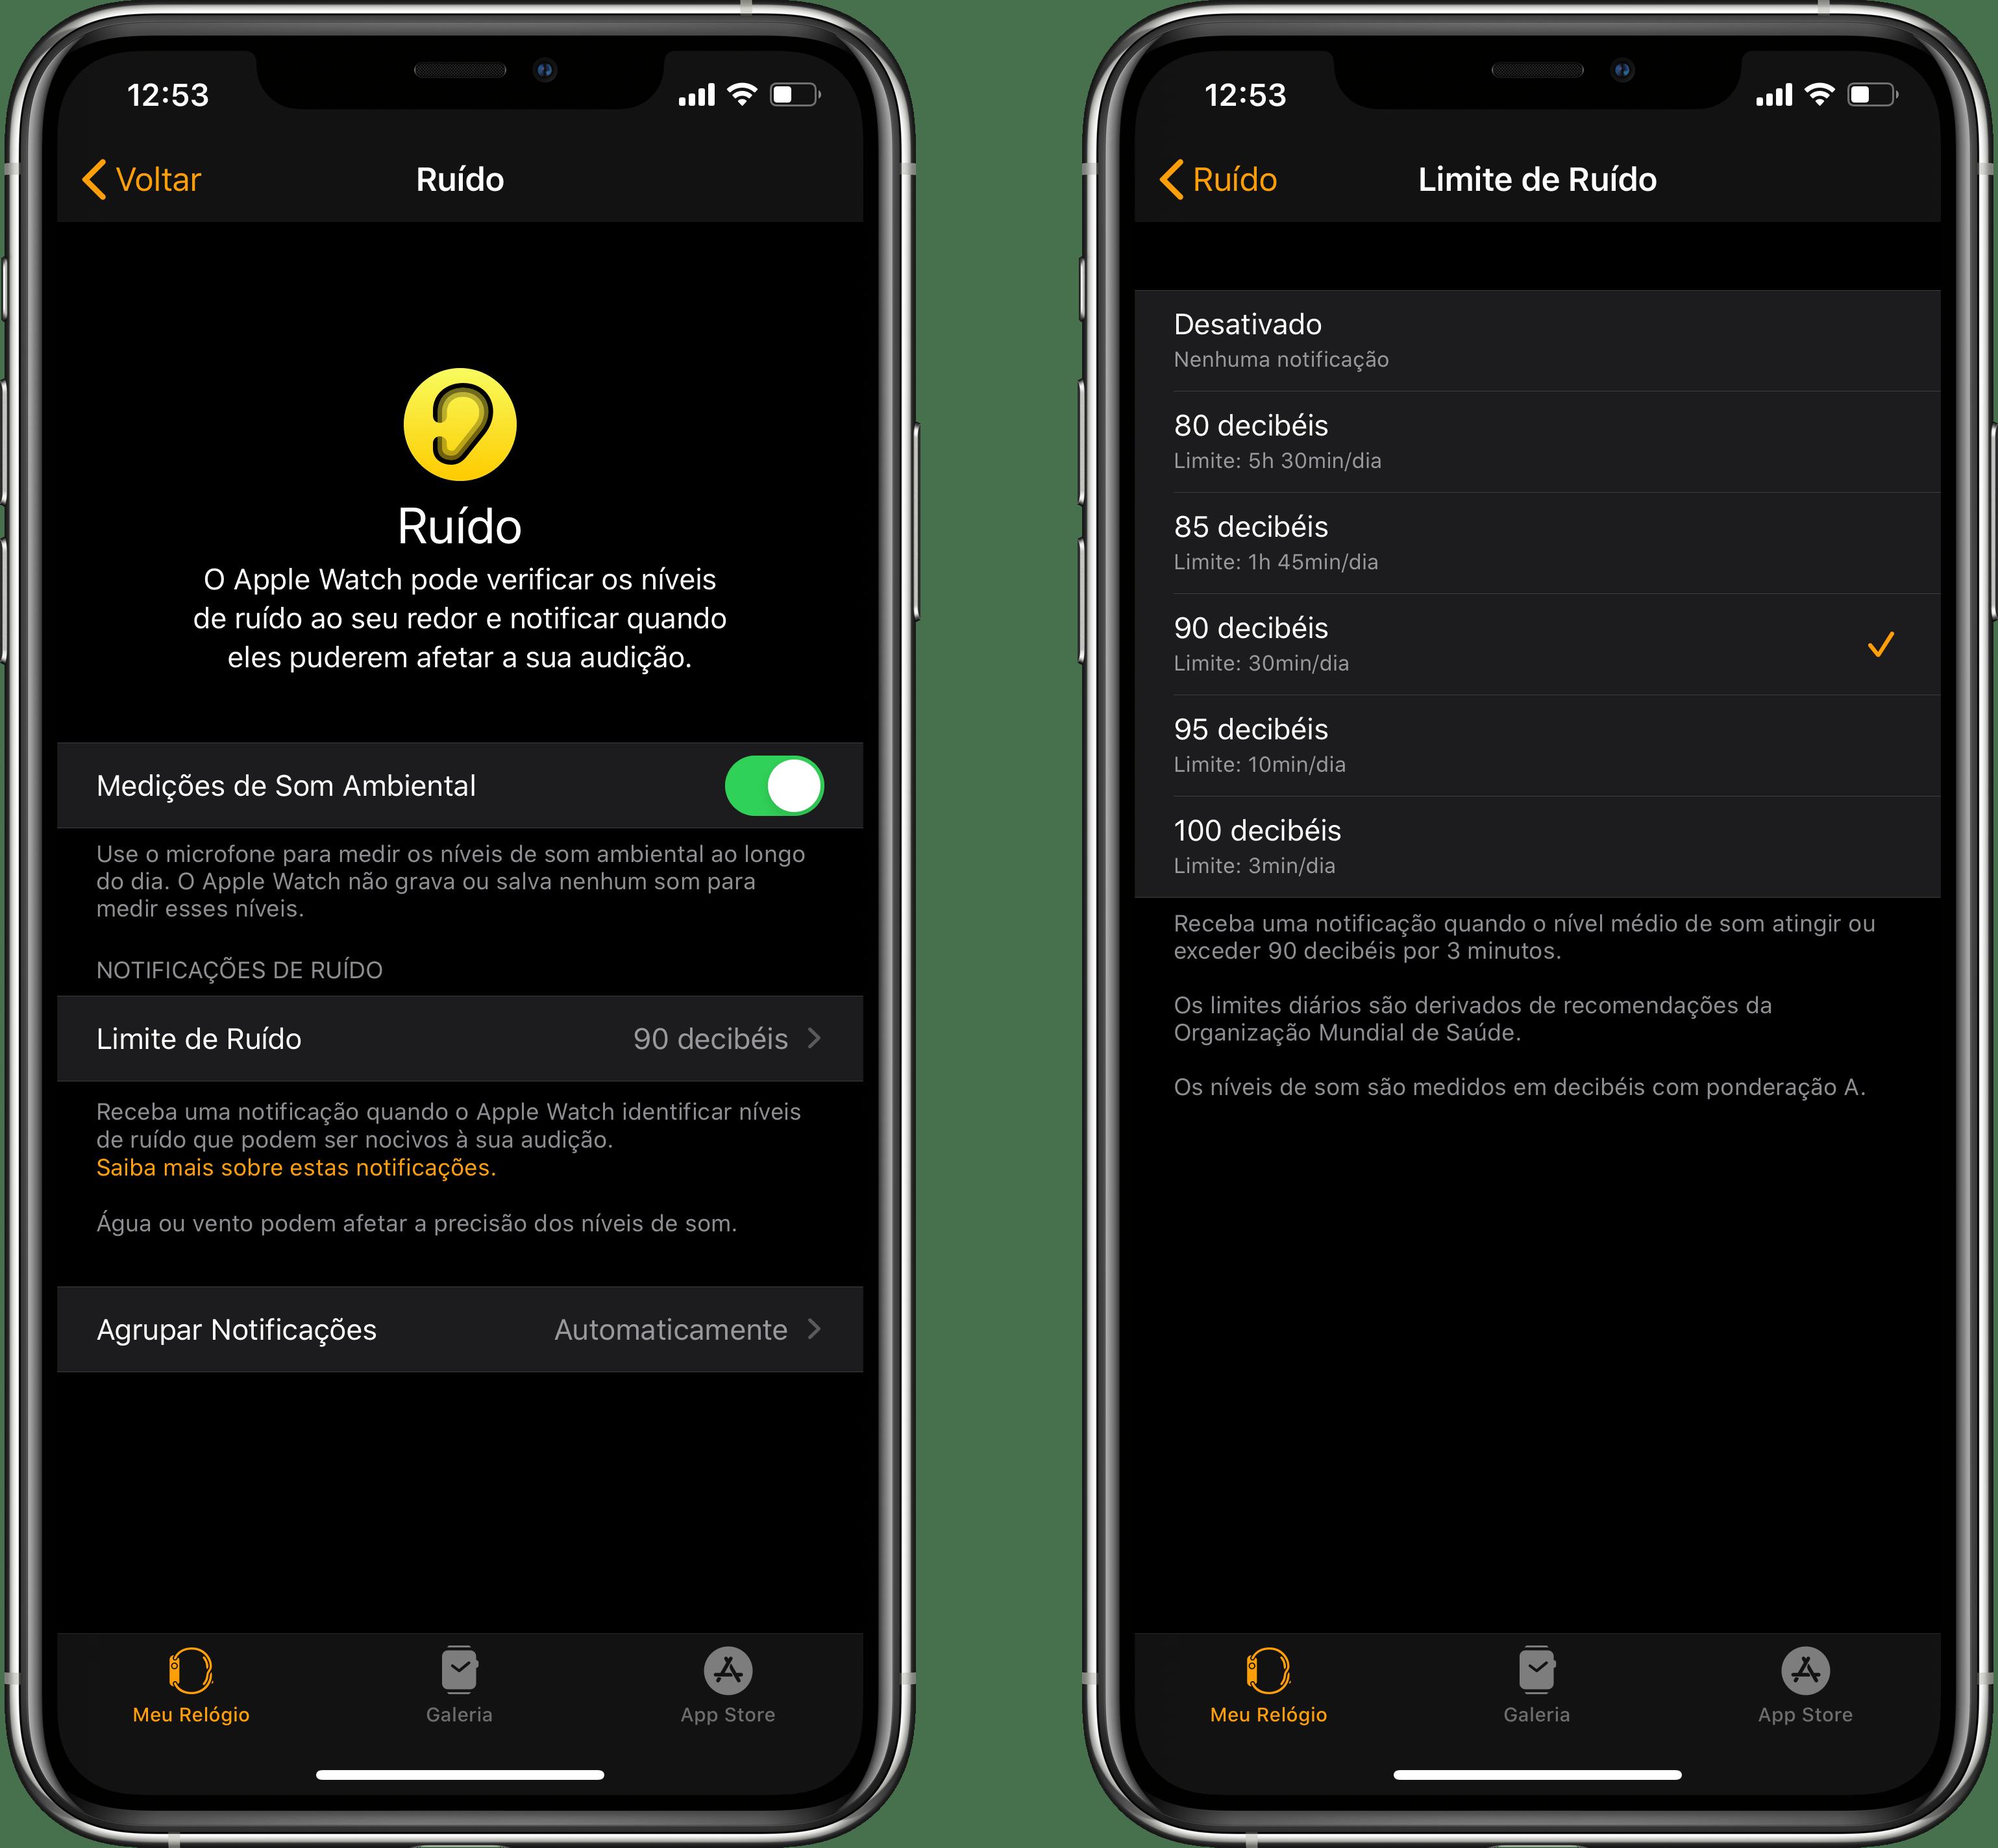 Configurações do app Ruído do watchOS 6